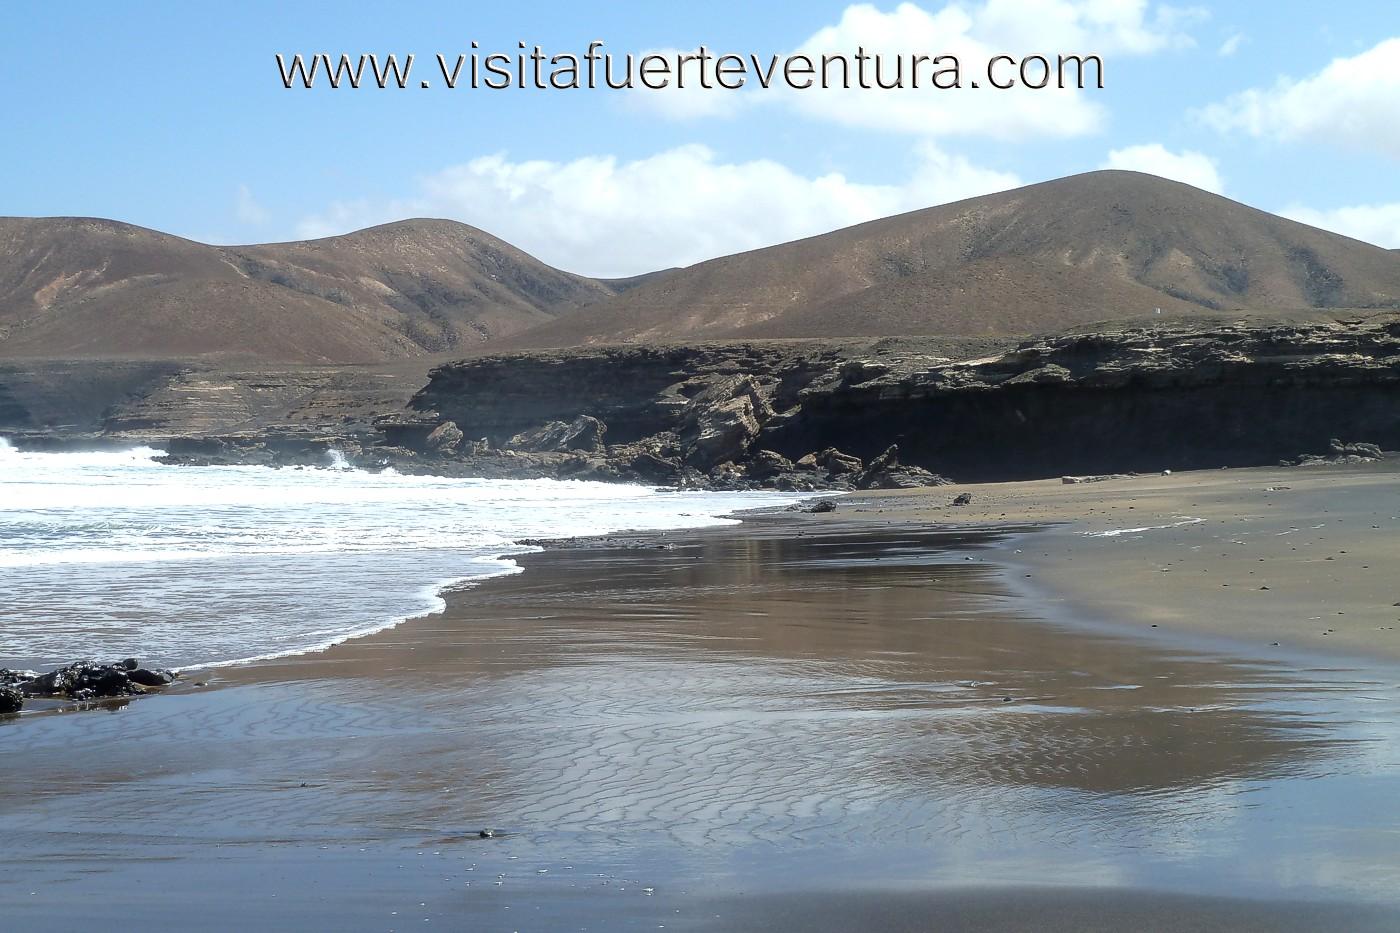 Playa de La Solapa en Fuerteventura Guia de Playas de Fuerteventura Las mejores playas de